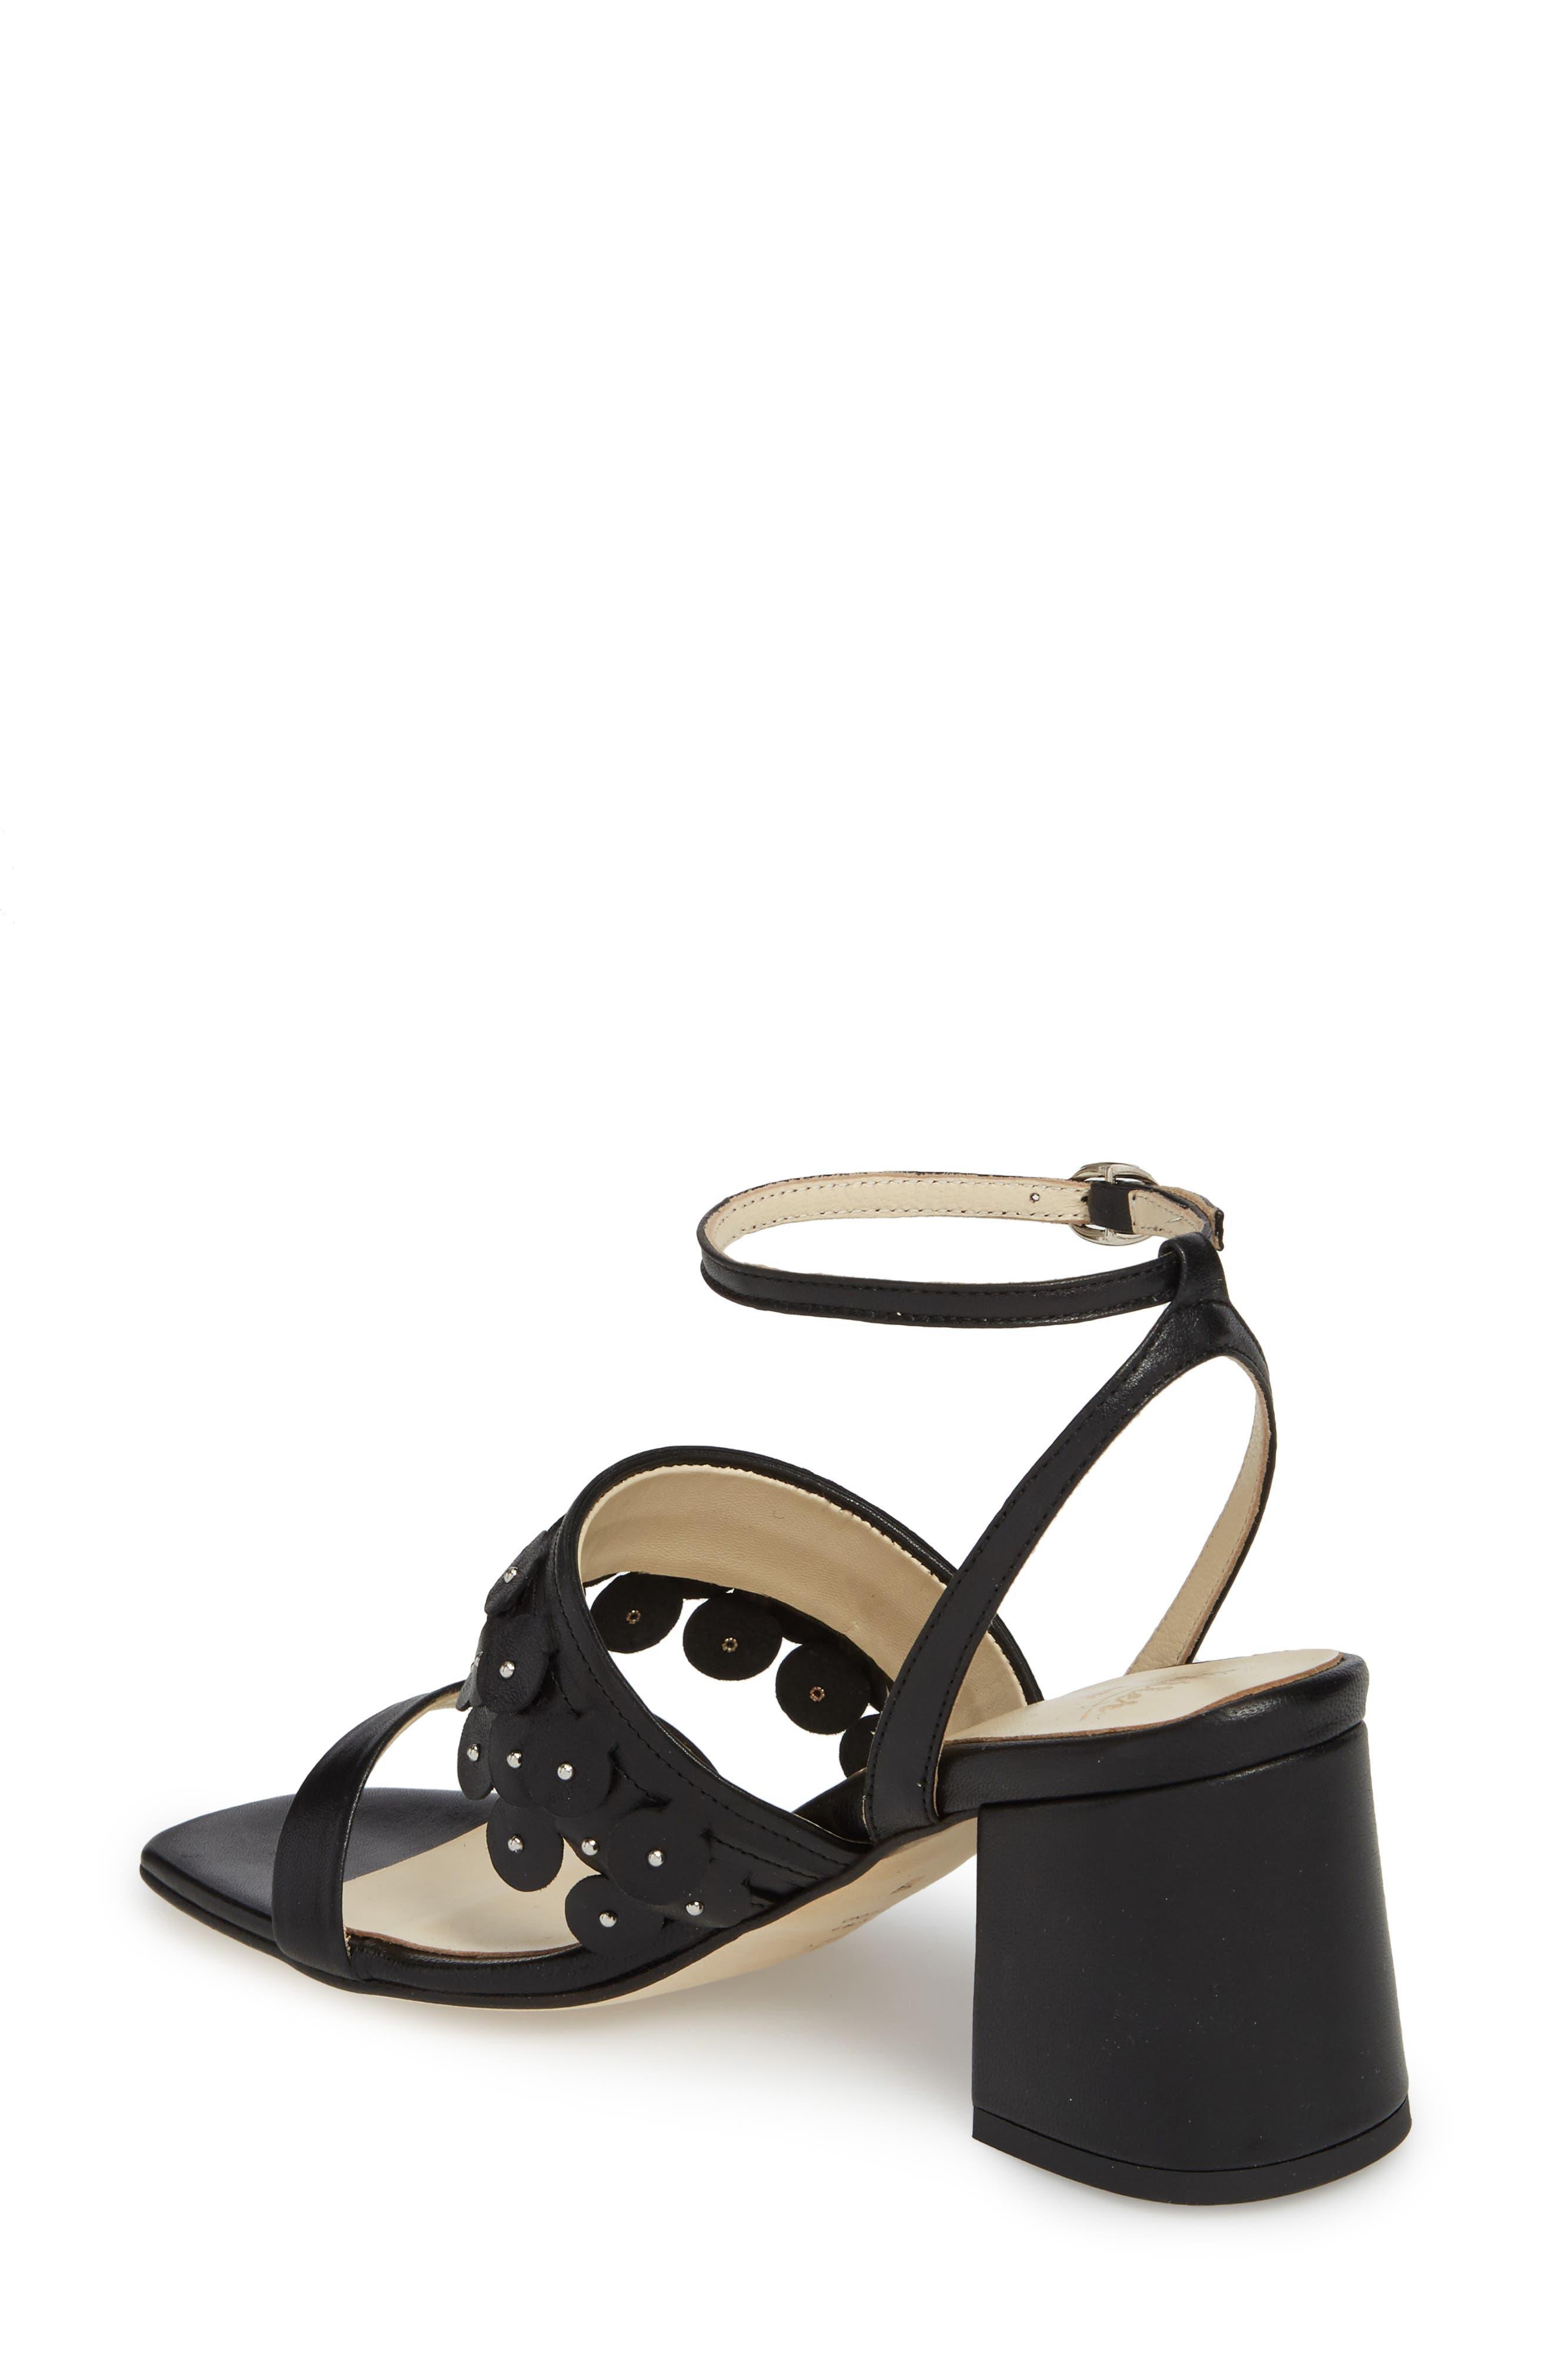 Butter Finley Studded Ankle Strap Sandal,                             Alternate thumbnail 2, color,                             001